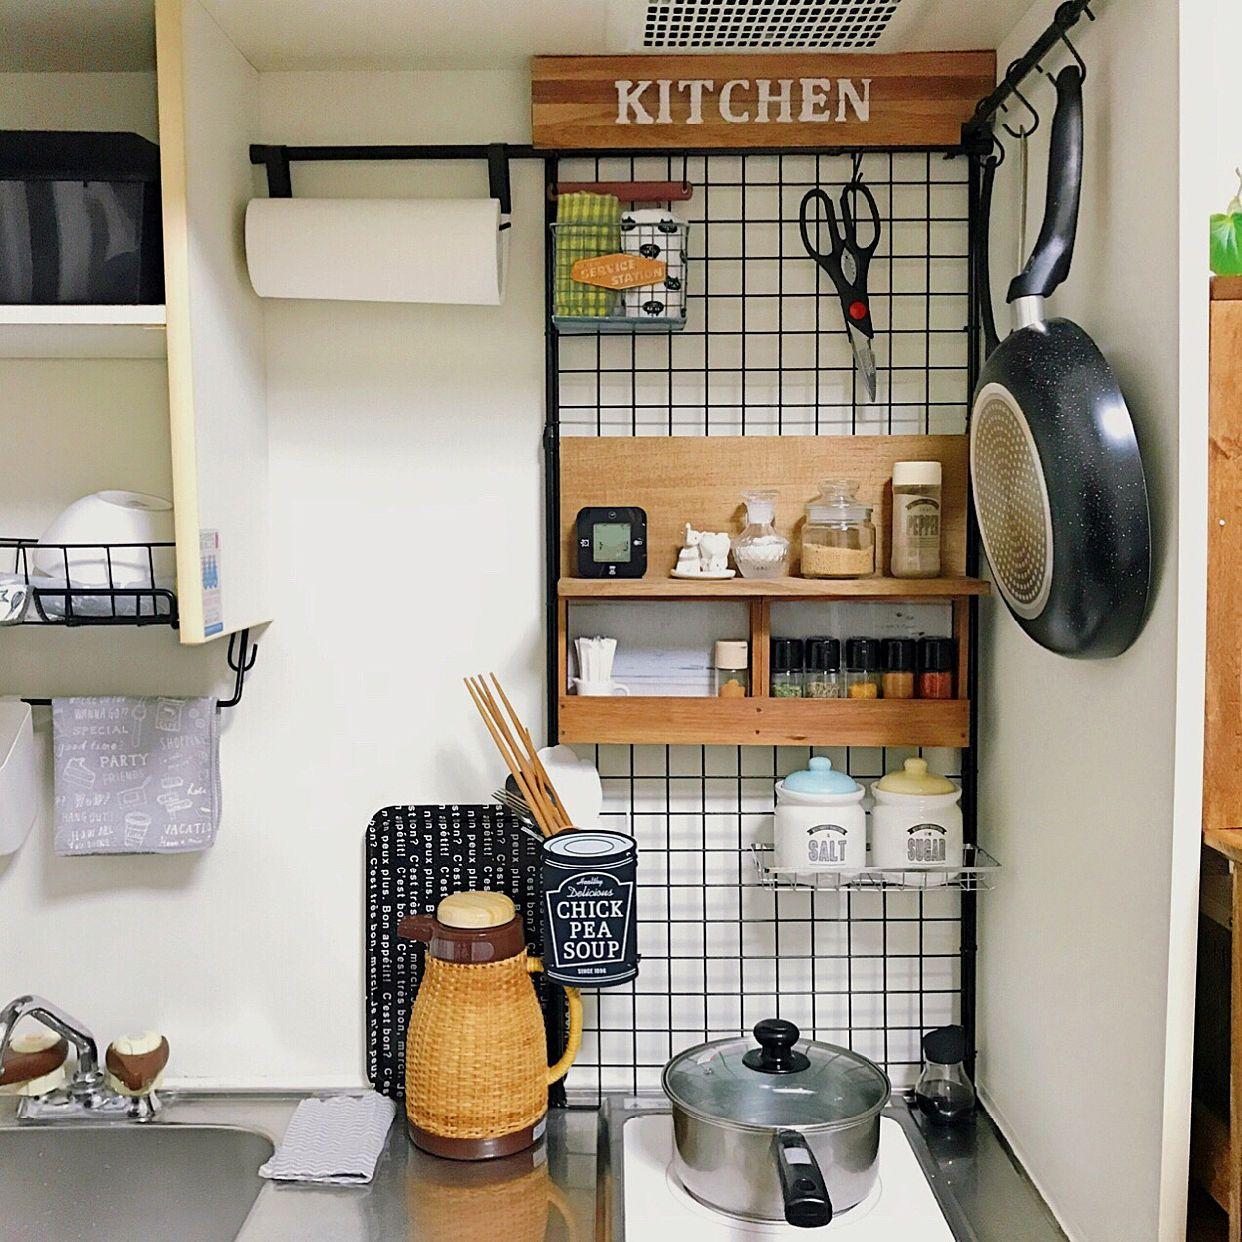 キッチン 賃貸diy ブログ 狭くても使いやすい キッチン改造 などのインテリア実例 2017 11 26 22 46 44 Roomclip ルームクリップ キッチン Diy 狭い家のキッチン 狭いキッチン 収納